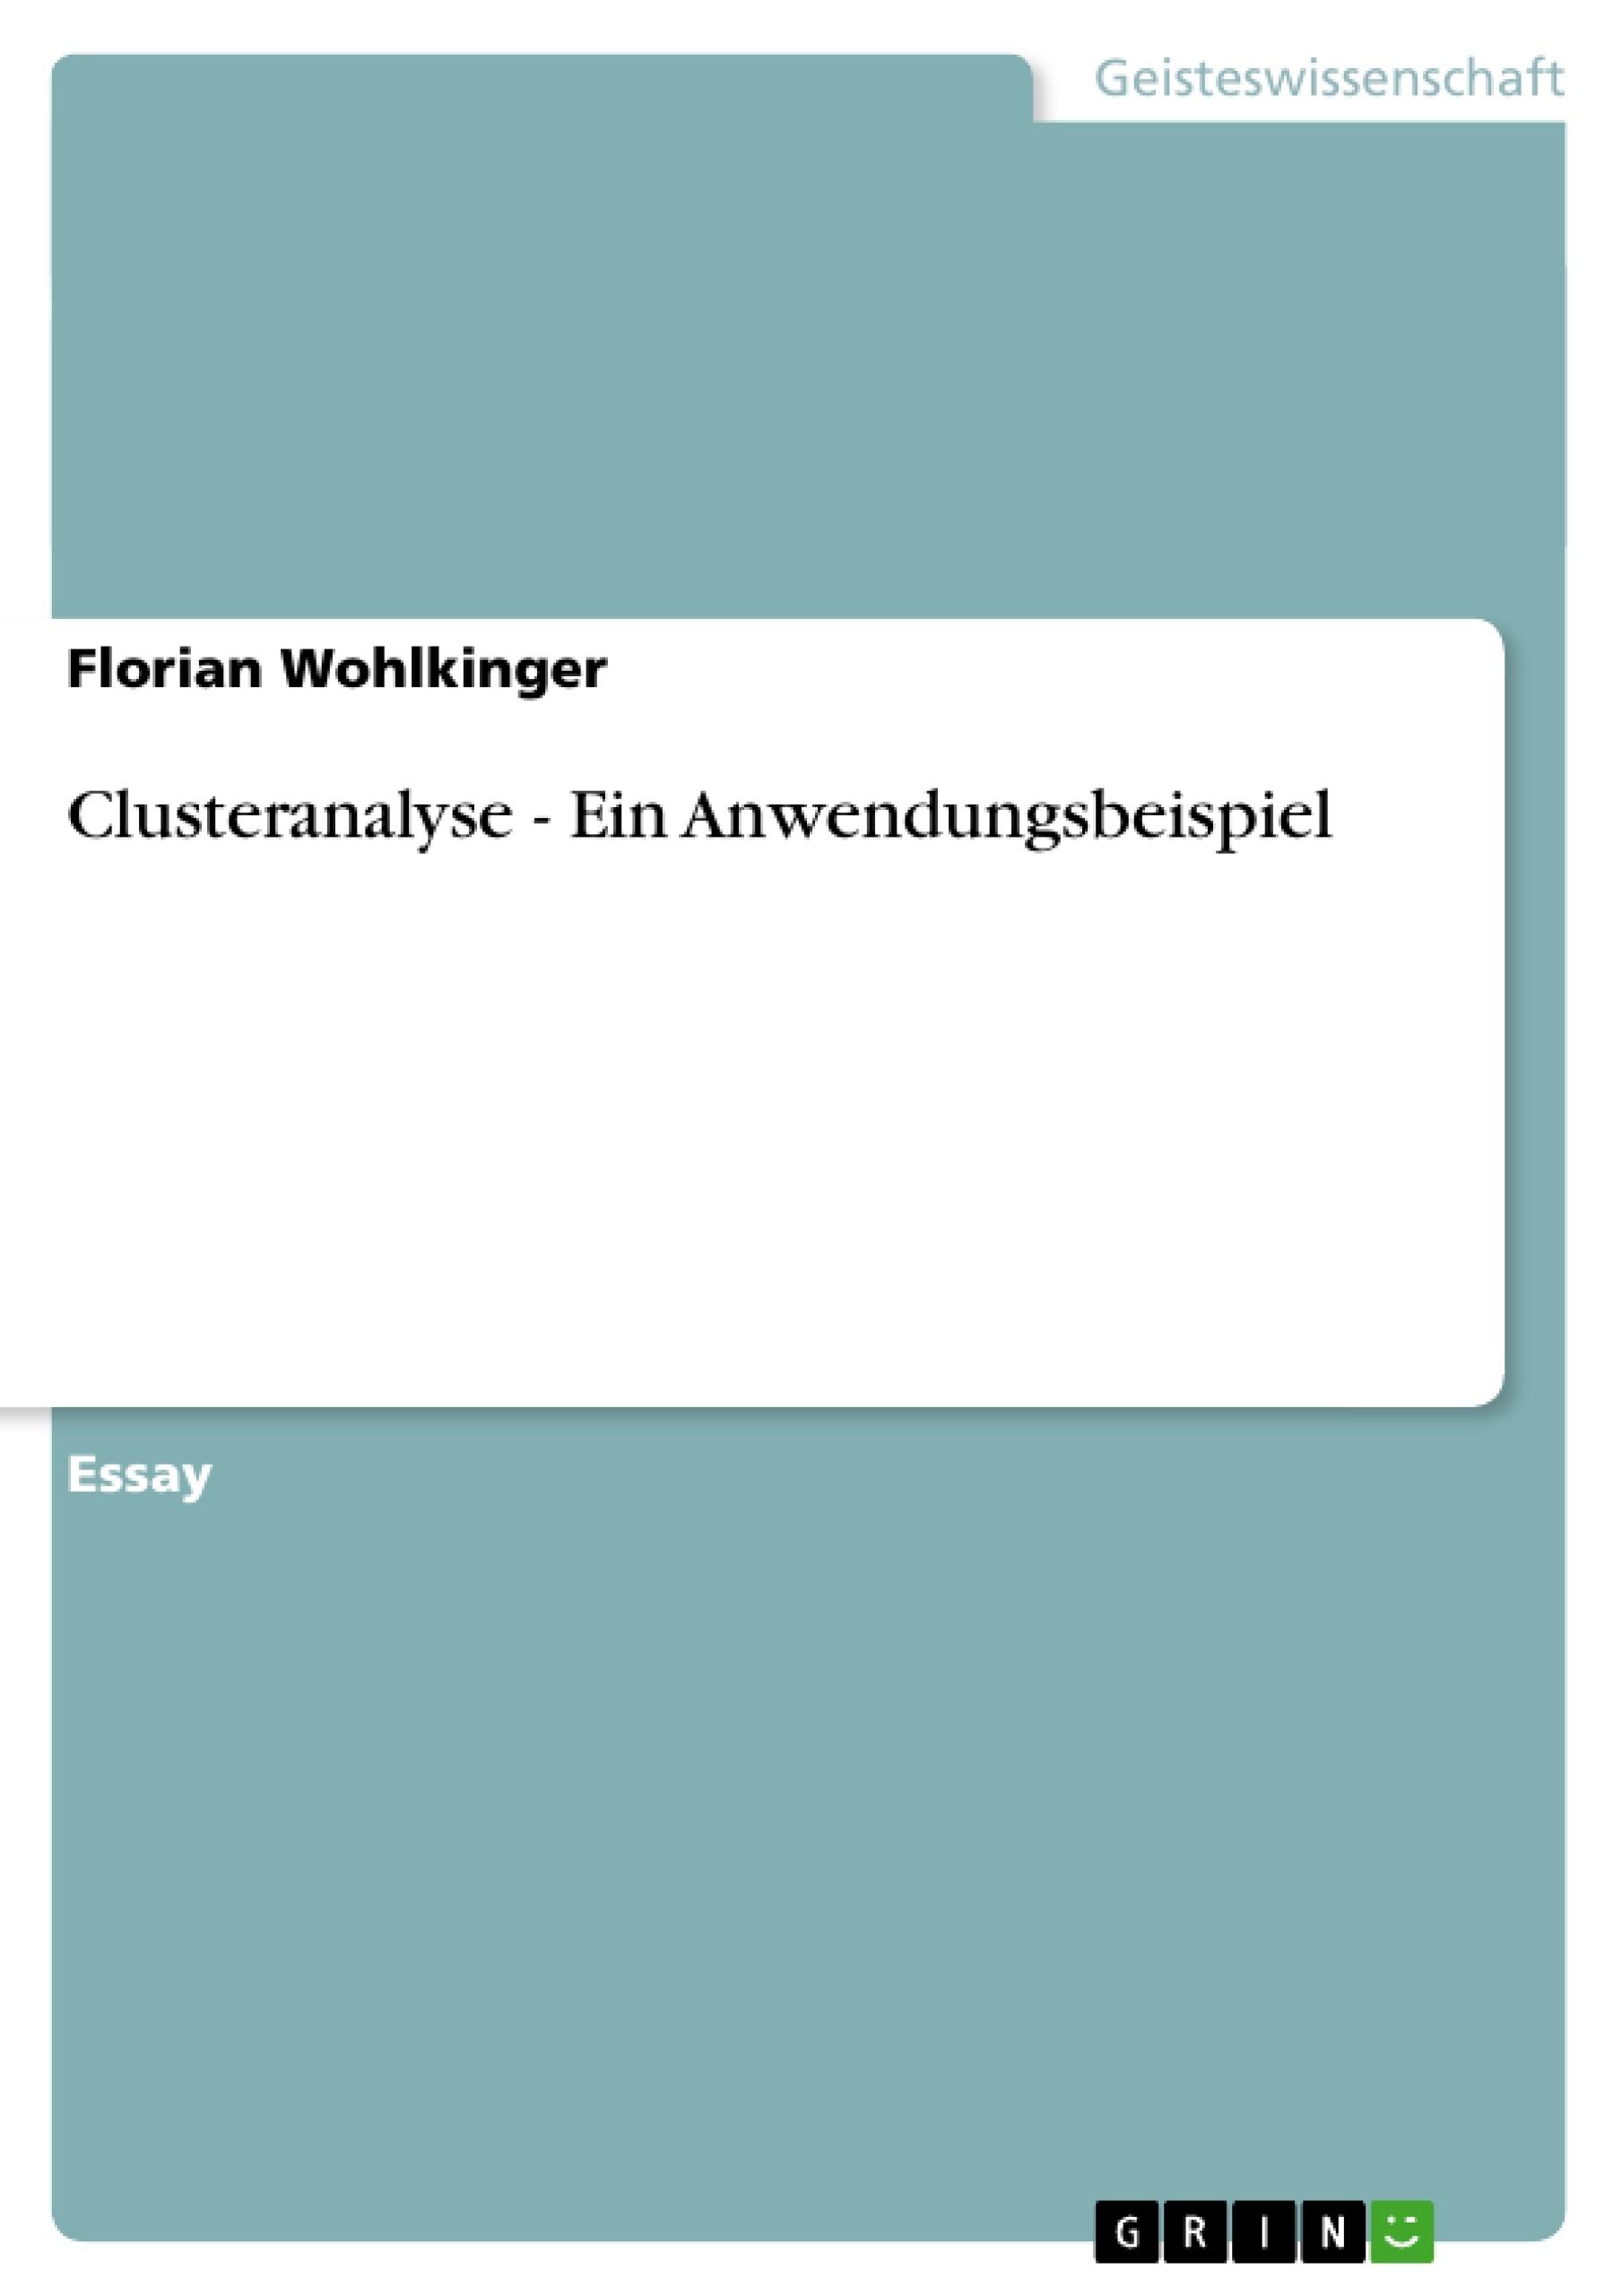 Titel: Clusteranalyse - Ein Anwendungsbeispiel